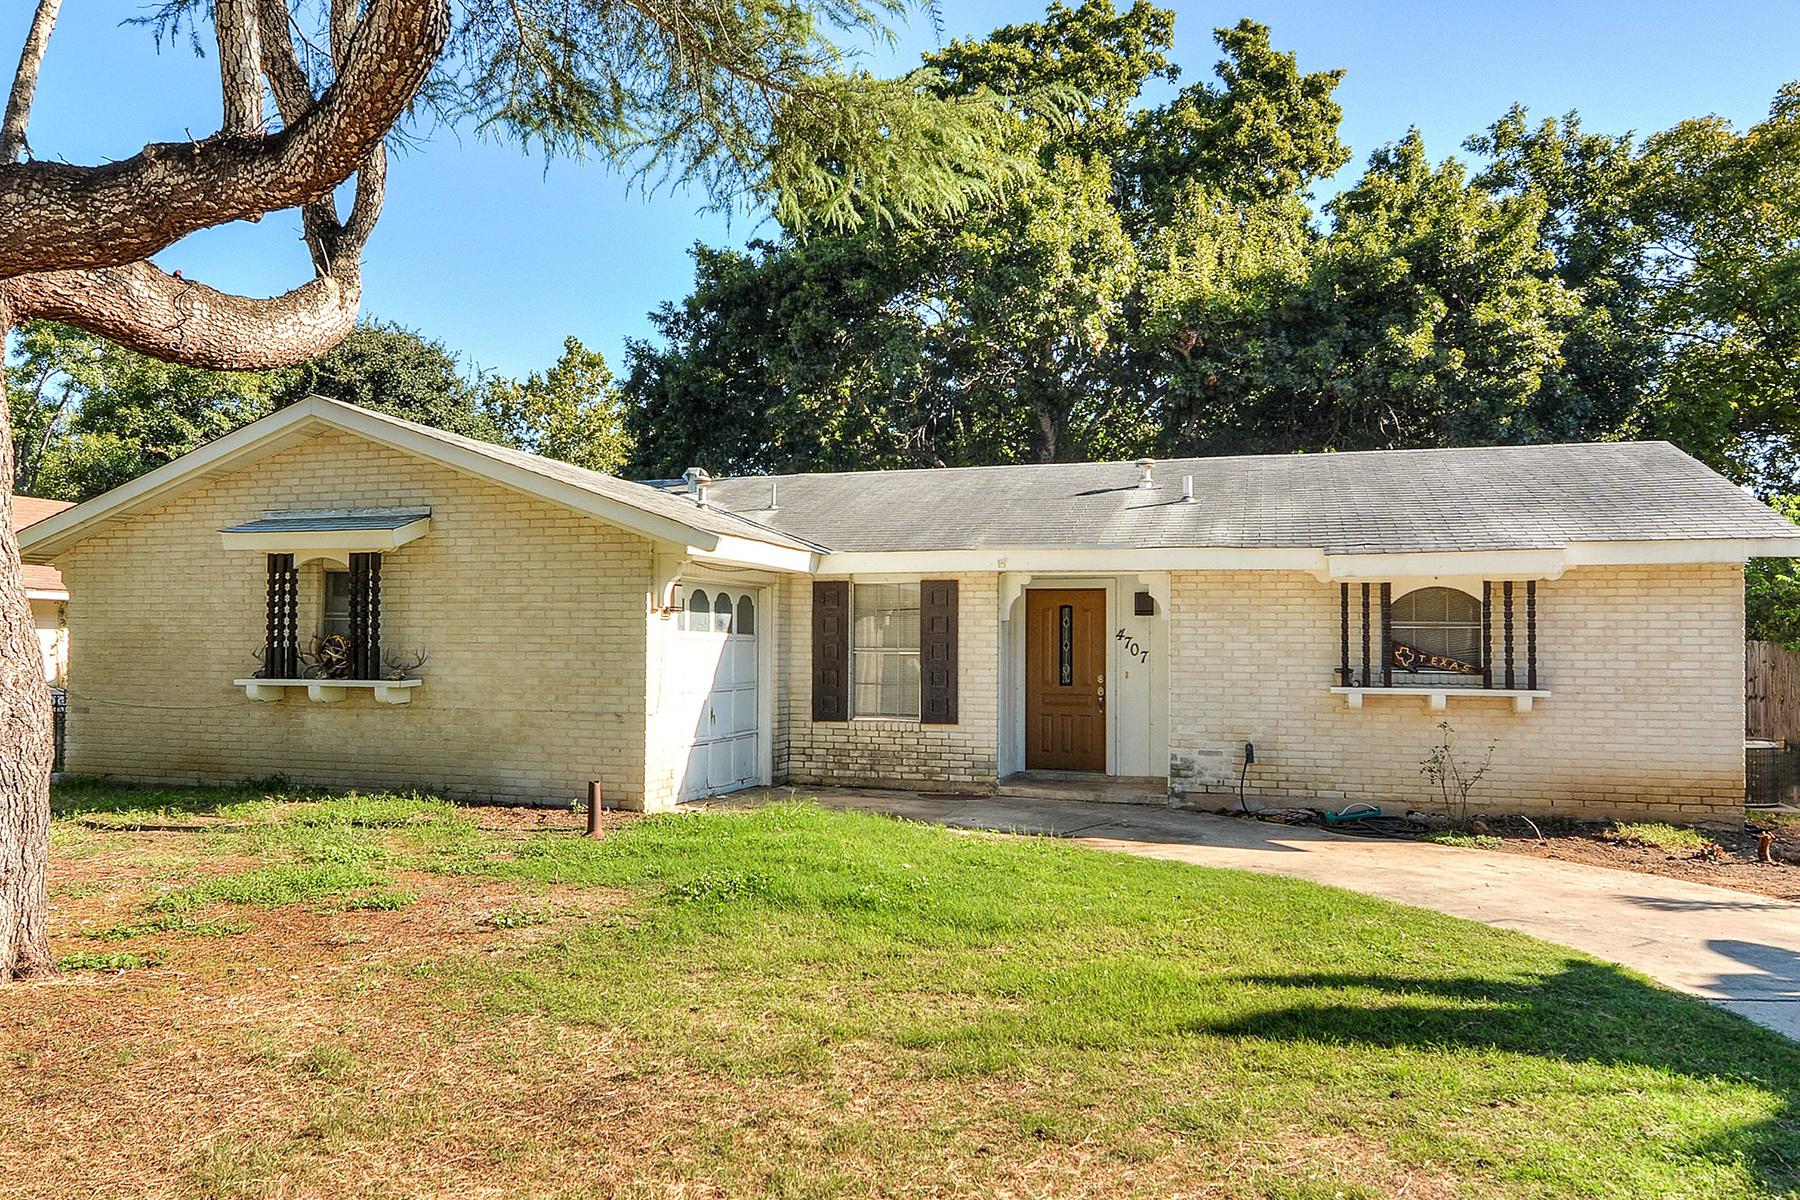 Casa Unifamiliar por un Venta en Investment Opportunity in Sierra North 4707 Casa Manana St San Antonio, Texas 78233 Estados Unidos